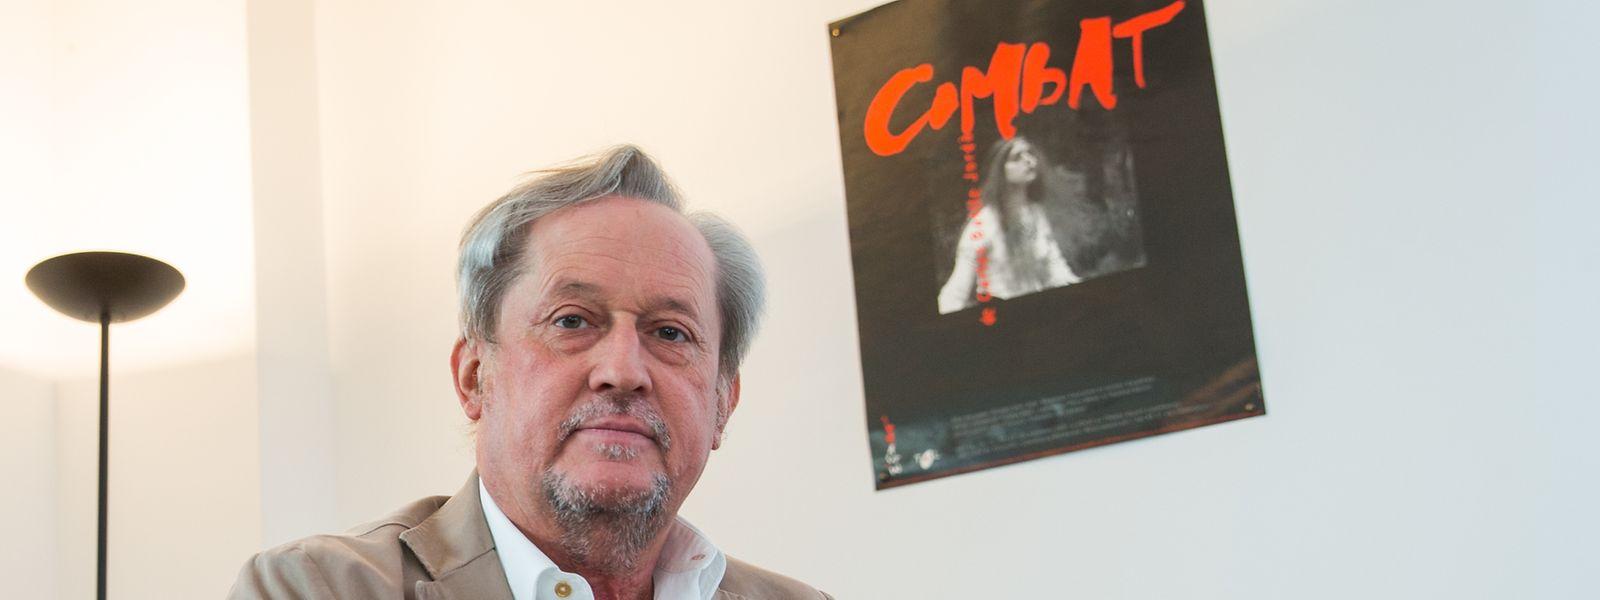 """Nicolas Steil sitzt unter anderem im """"Comité de pilotage"""", das den neuen Arts Council ausarbeiten soll."""